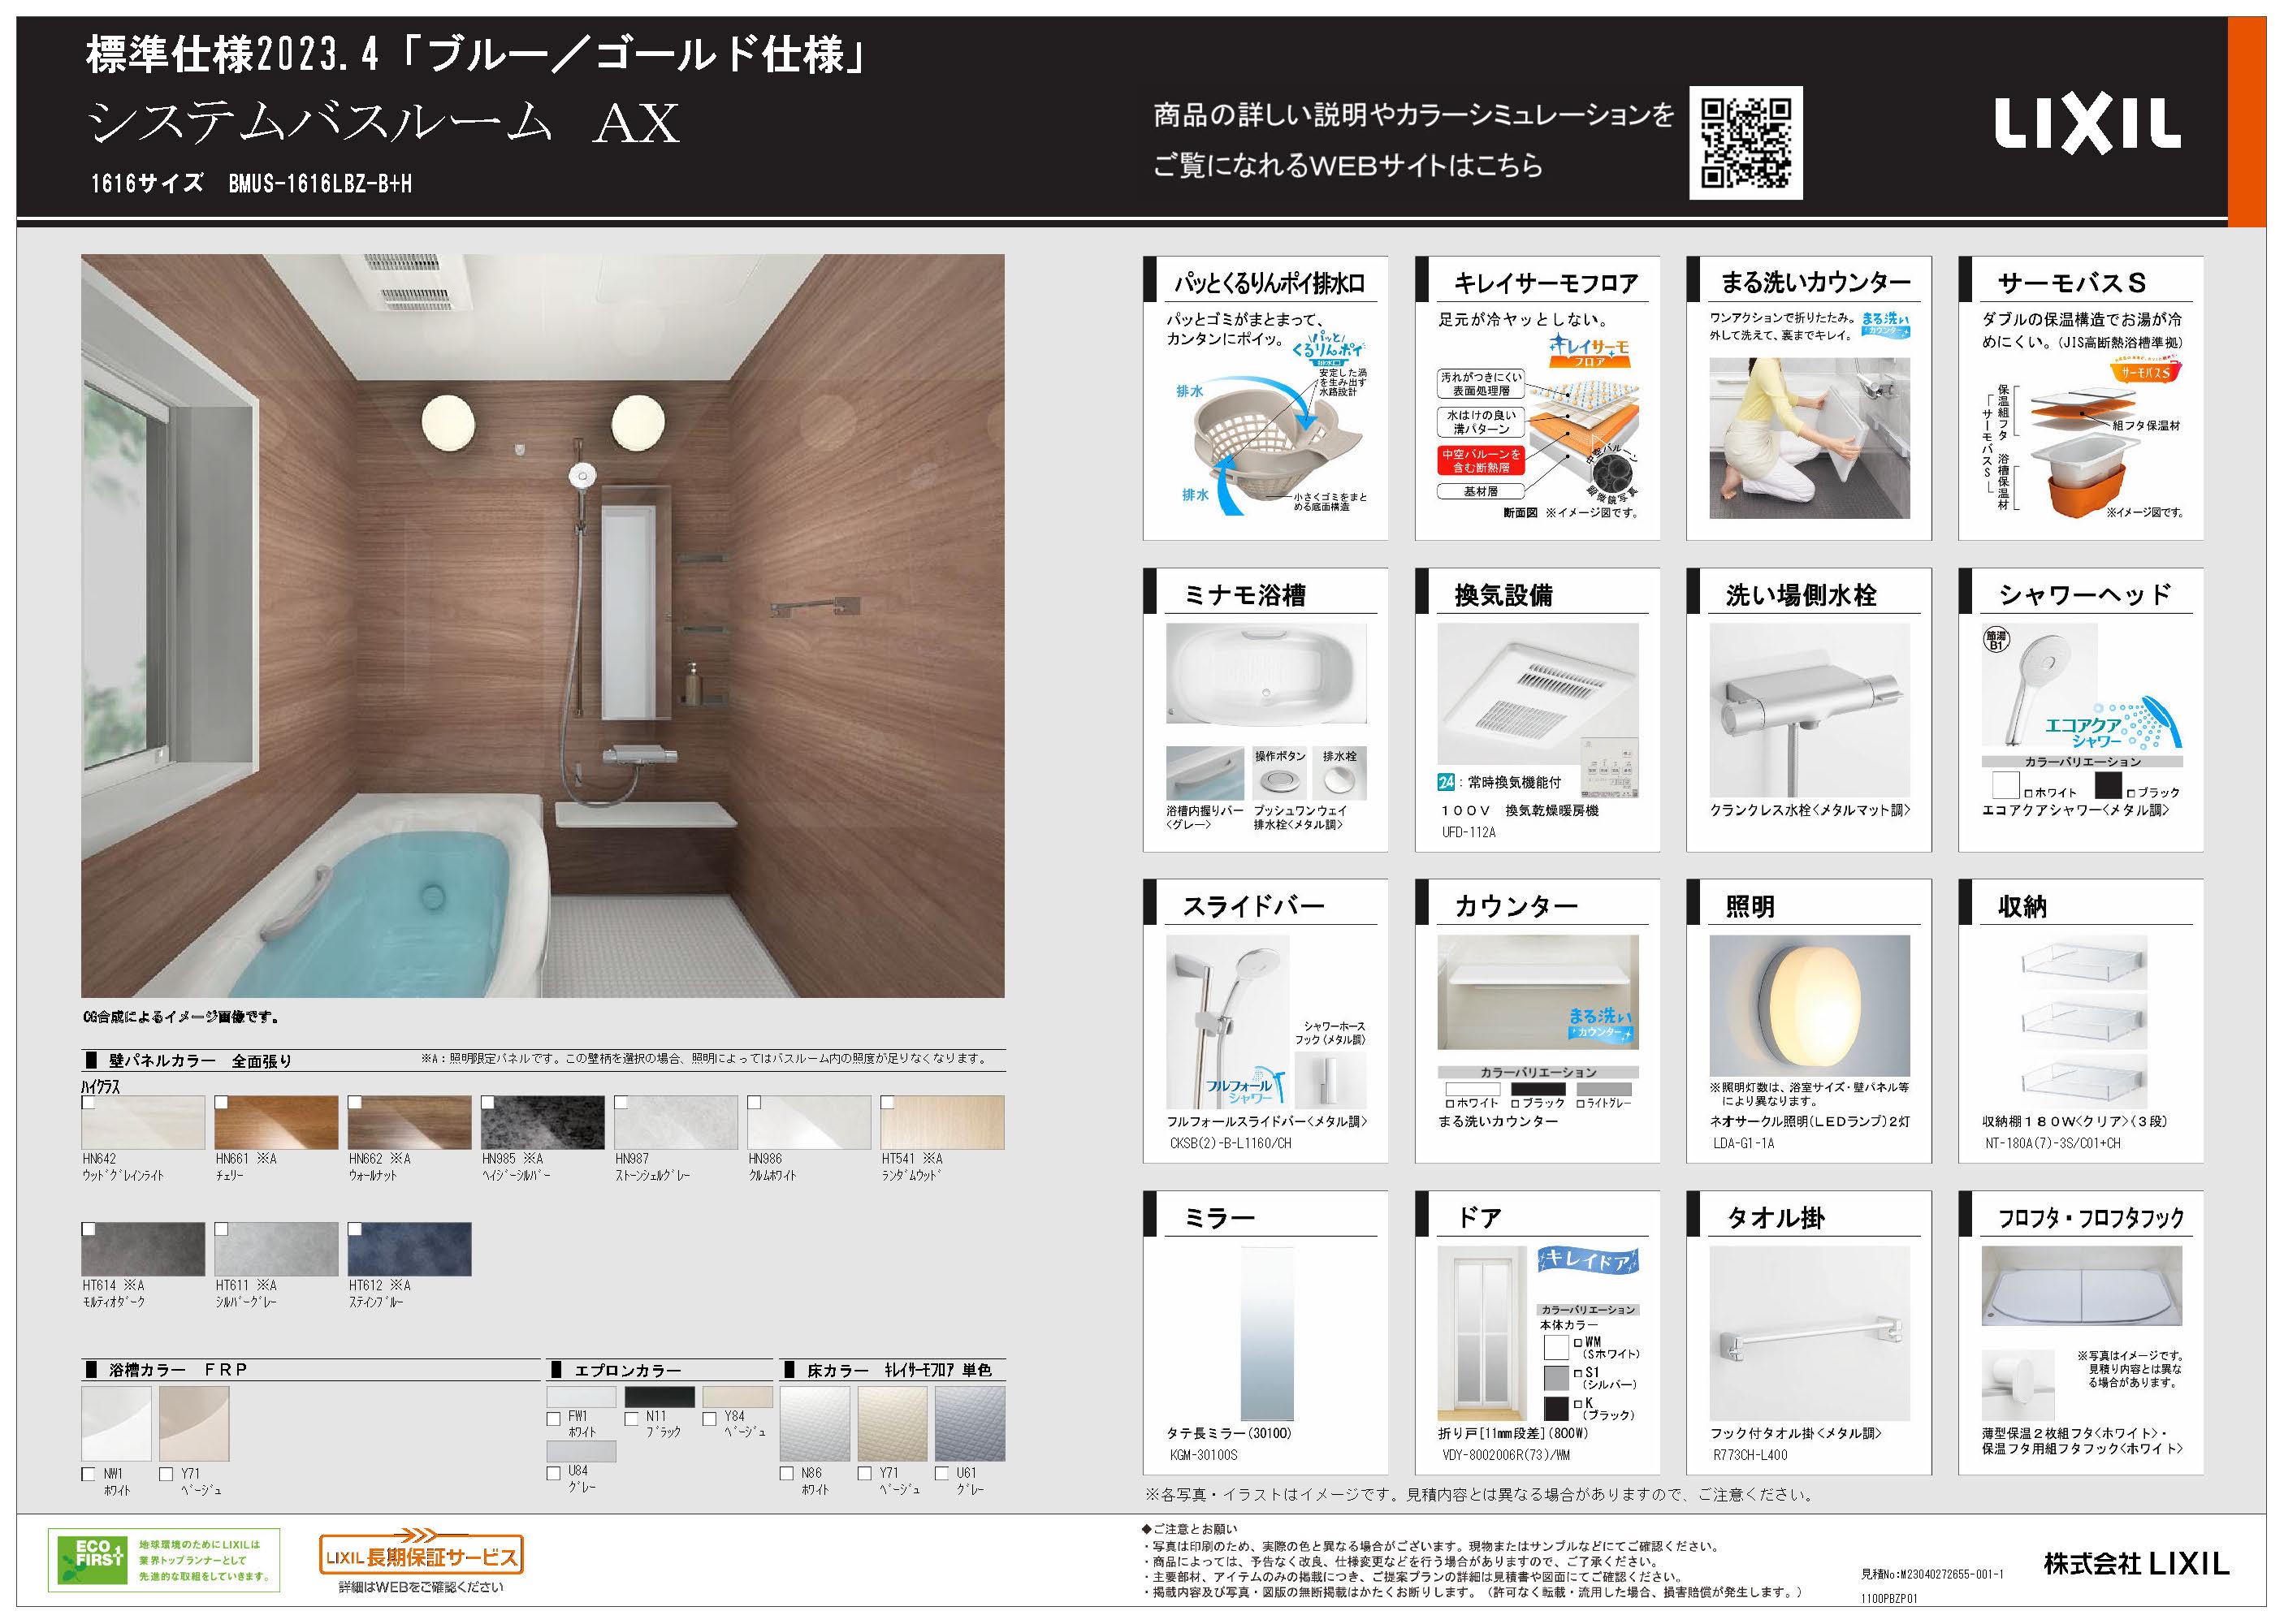 システムバスルーム アライズ。手軽にリラックスでき、いつもキレイ。もっと、お風呂が好きになるバスルーム。